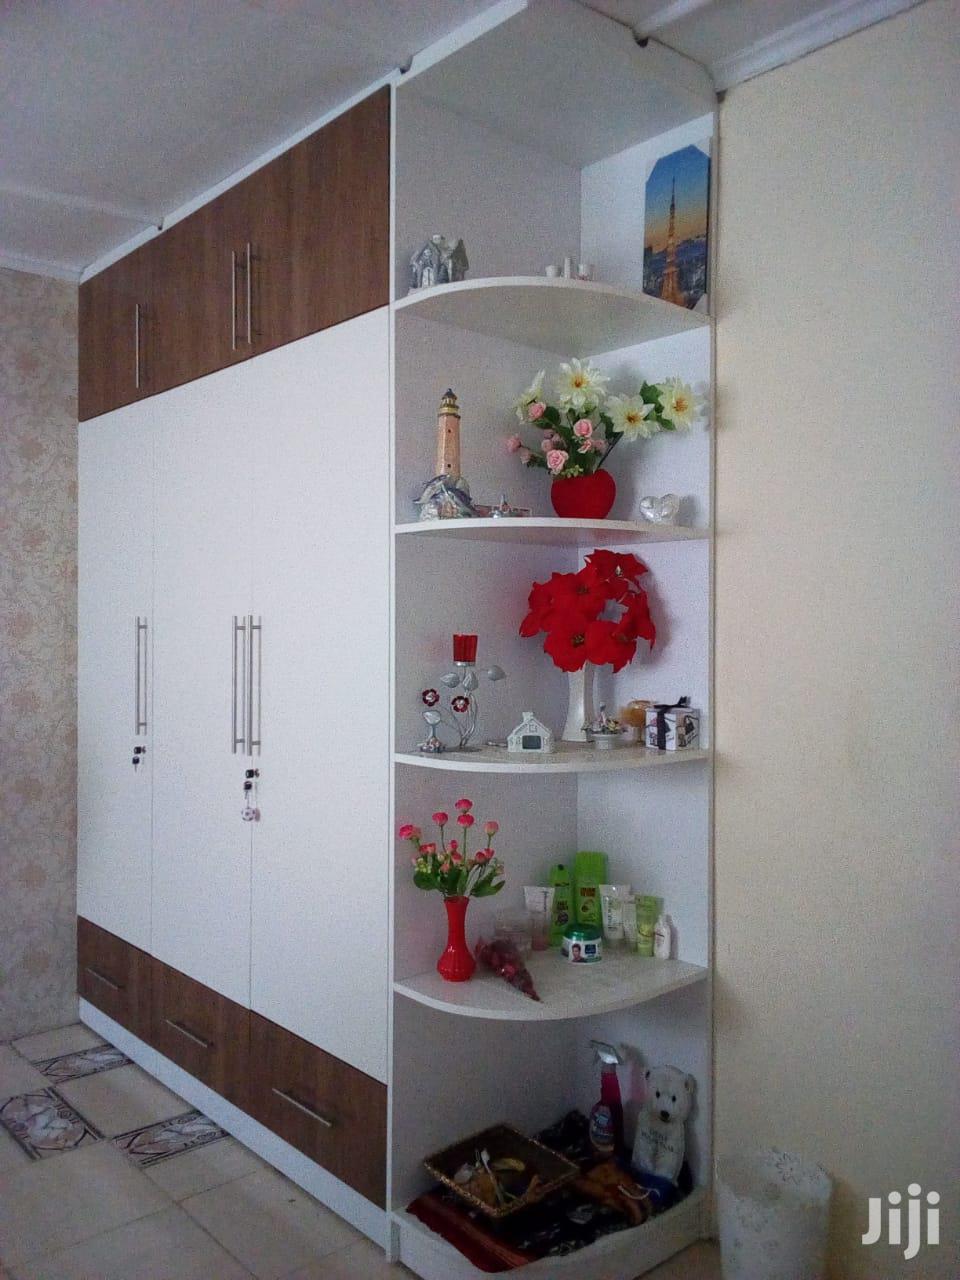 Wardrobes Design Wth Corner Shelves | Manufacturing Services for sale in Jomvu, Mombasa, Kenya